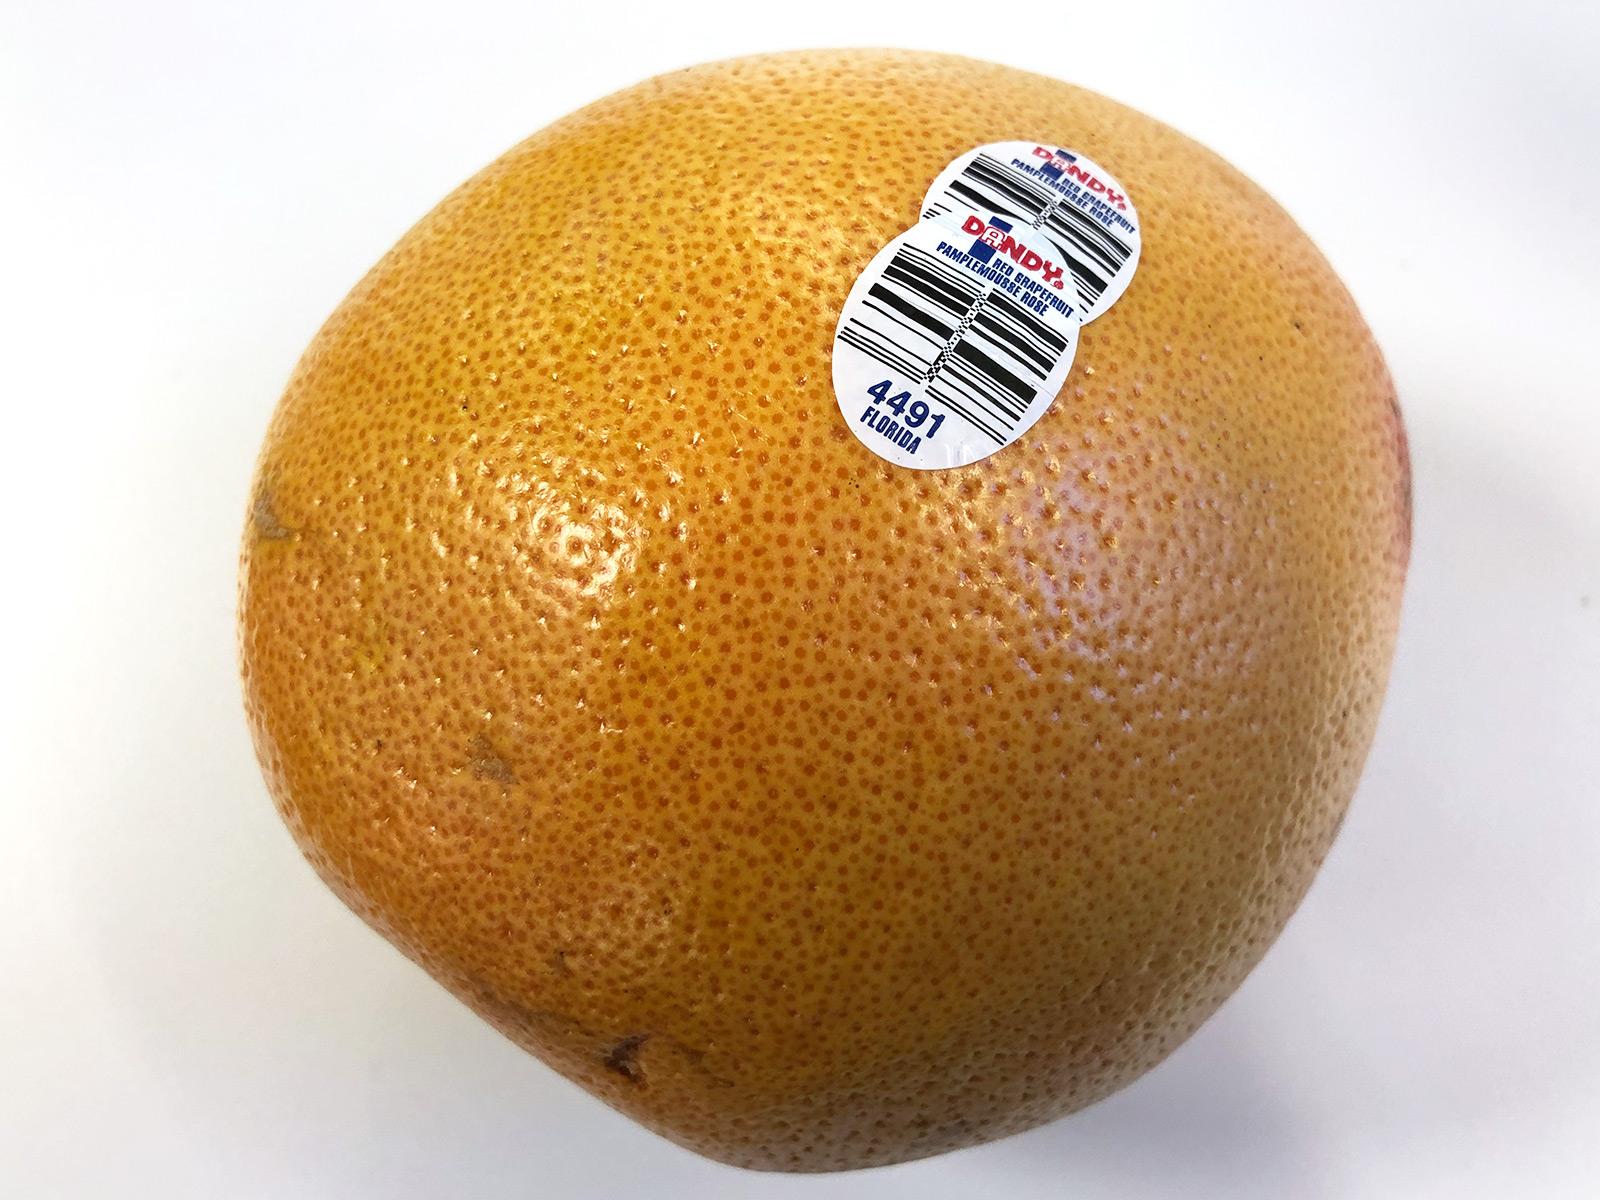 4491-florida-dandy-red-grapefruit.jpg